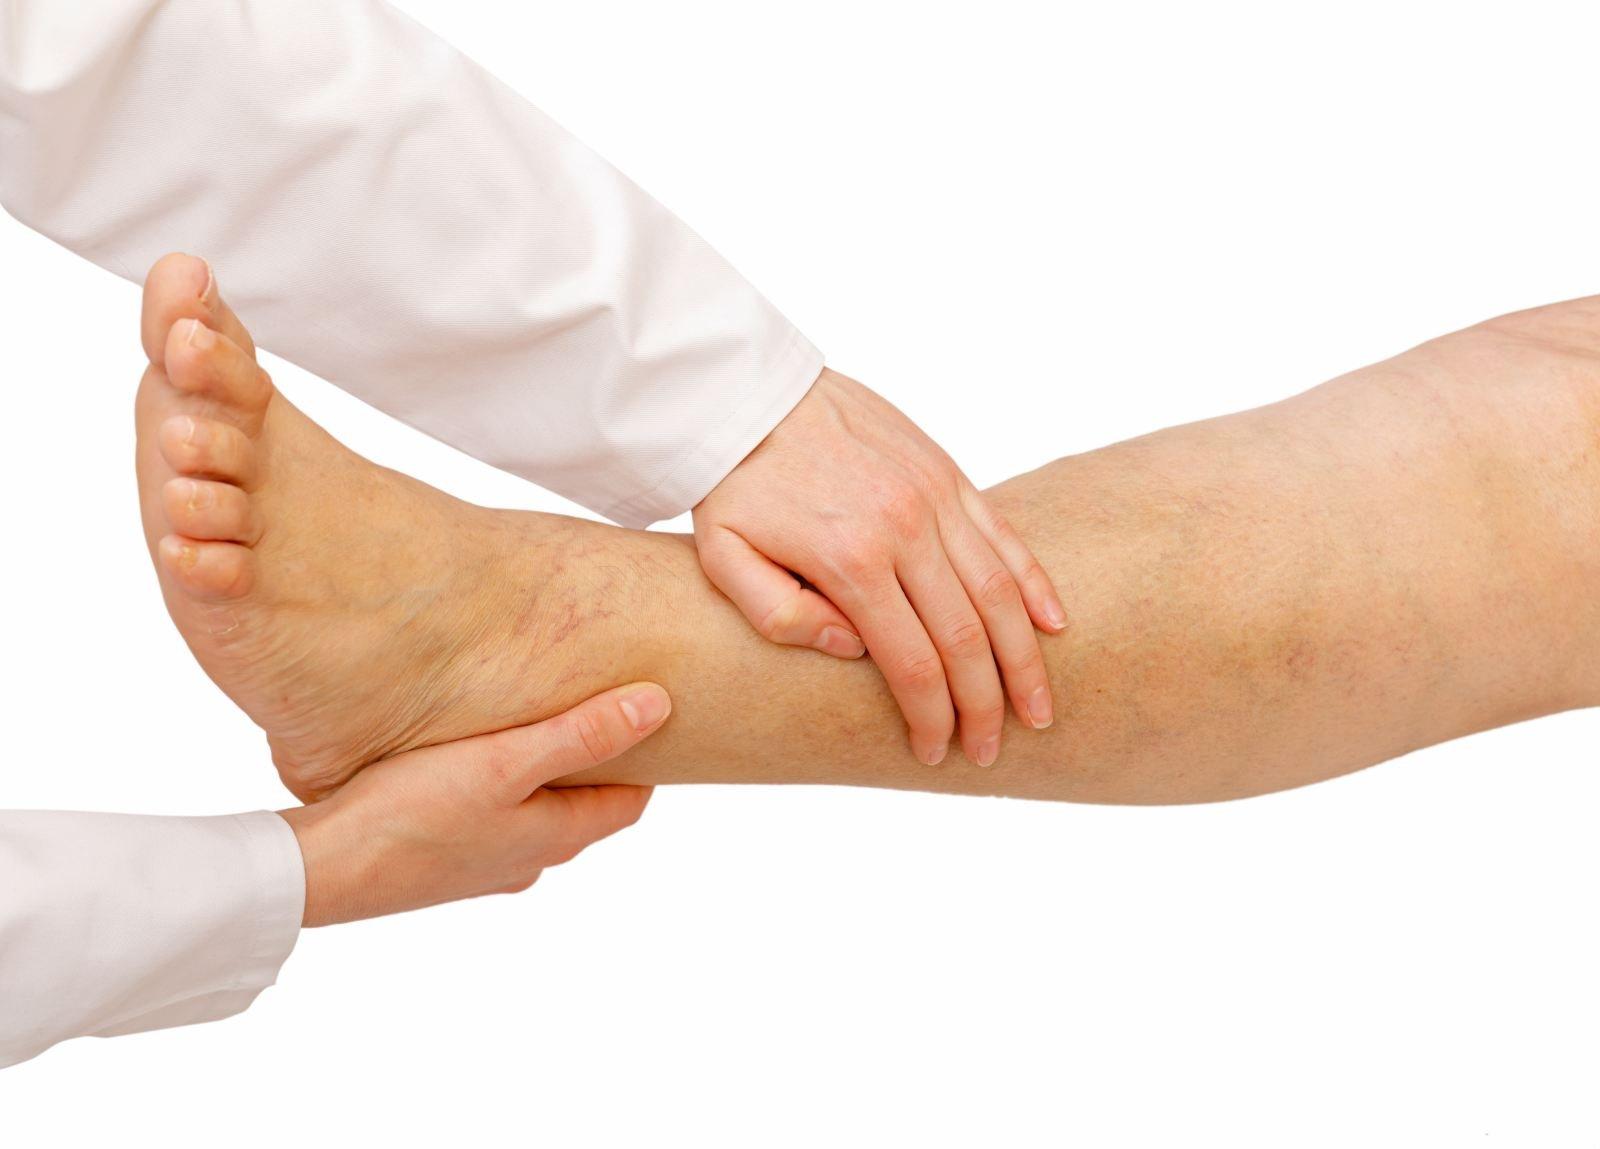 Лимфедема нижних конечностей: причины, симптомы, лечение